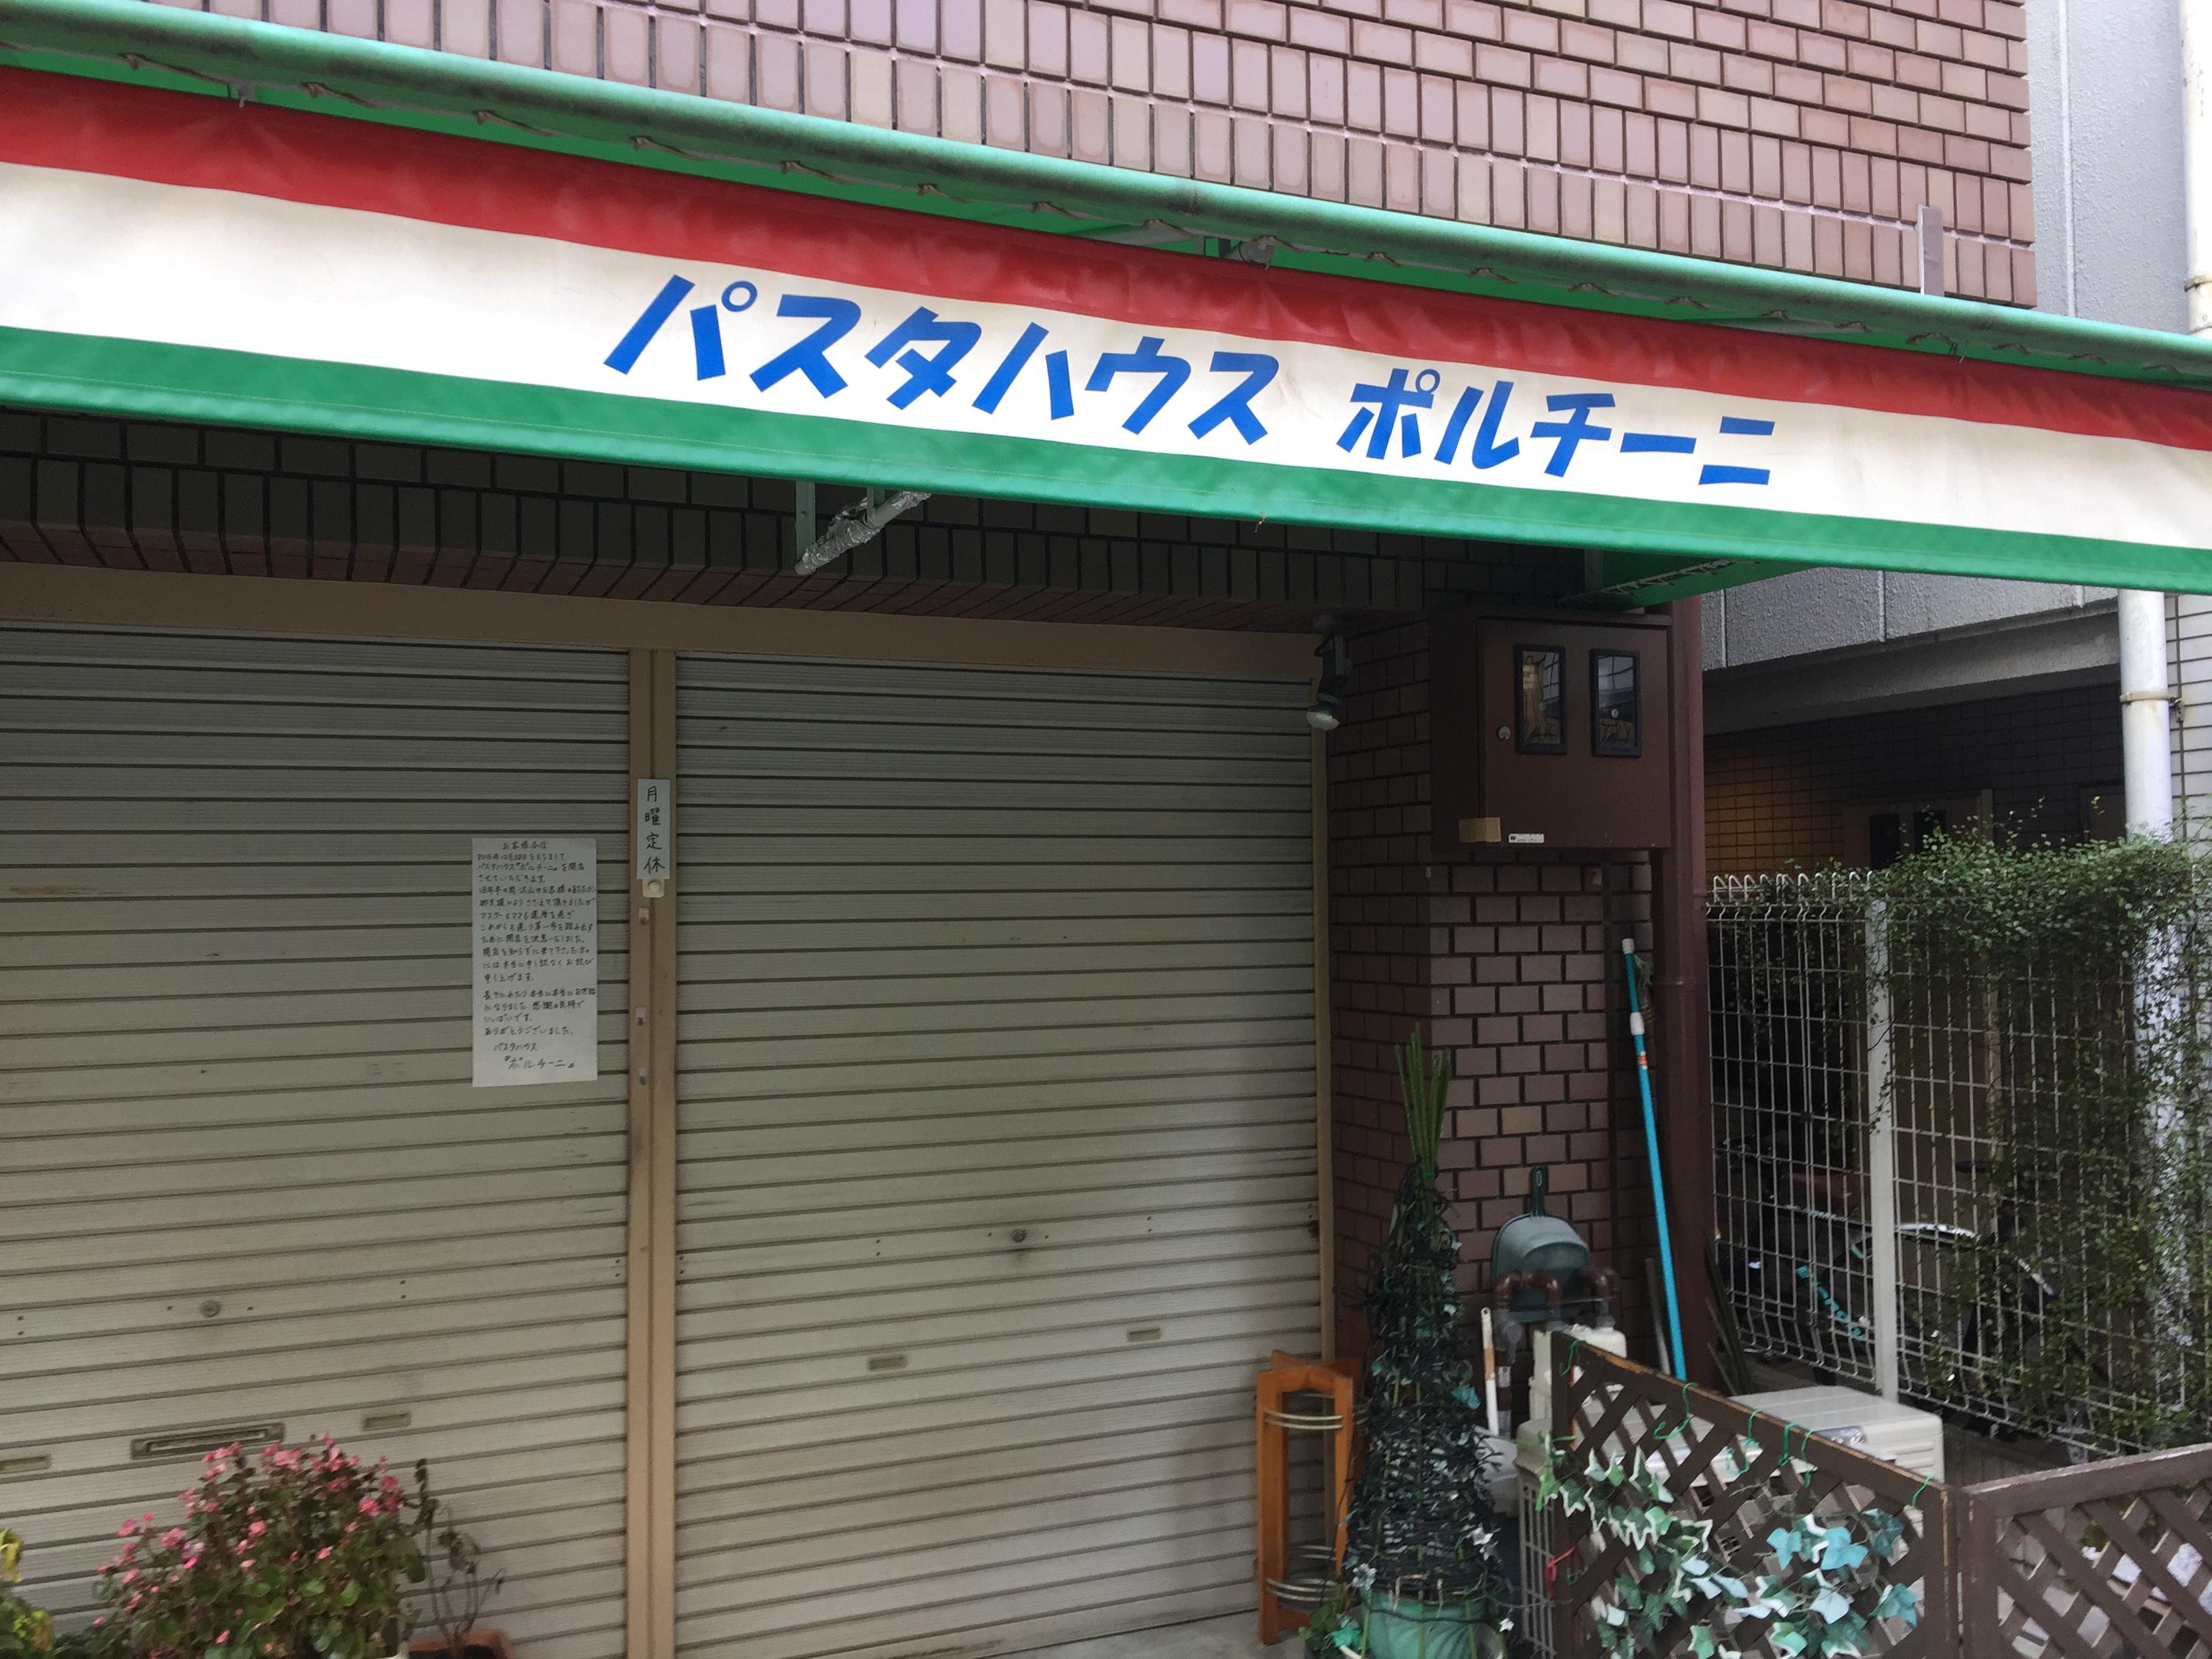 神戸・甲南本通商店街のパスタハウス「ポルチーニ」が12/28で閉店したよ【閉店お知らせ】